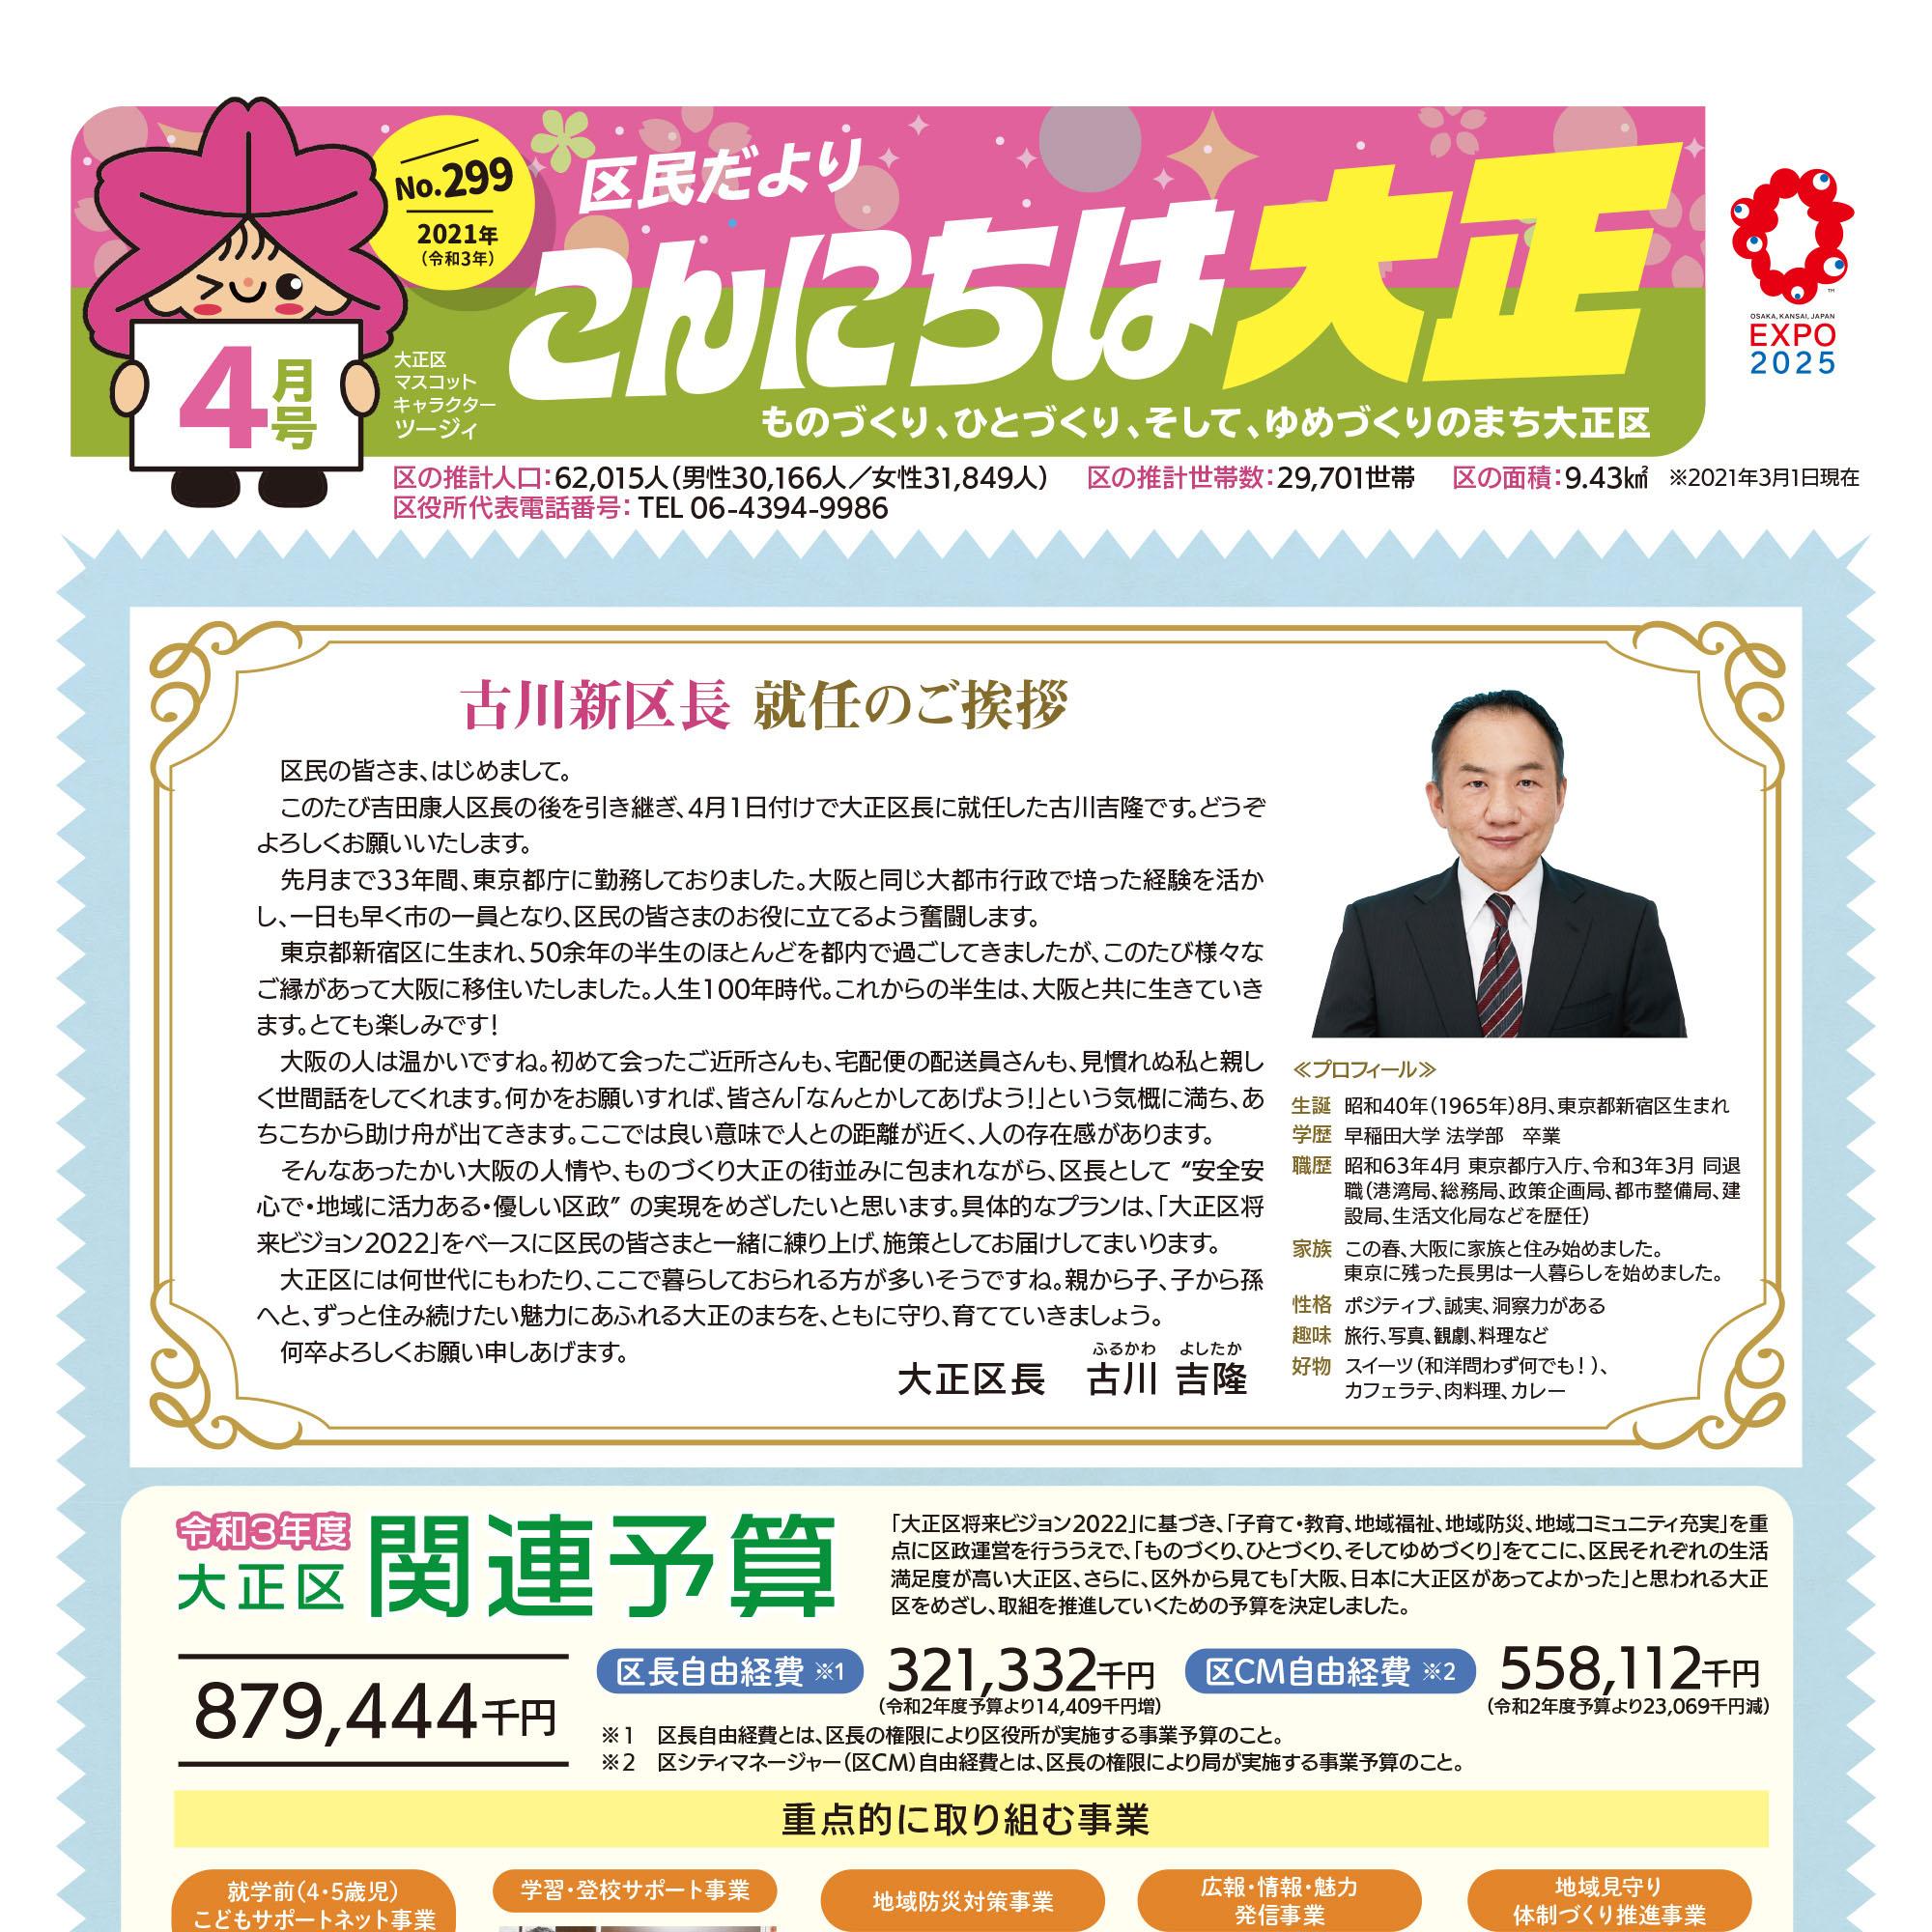 こんにちは大正4月号|2021.4 古川新区長就任のご挨拶(大阪市大正区)